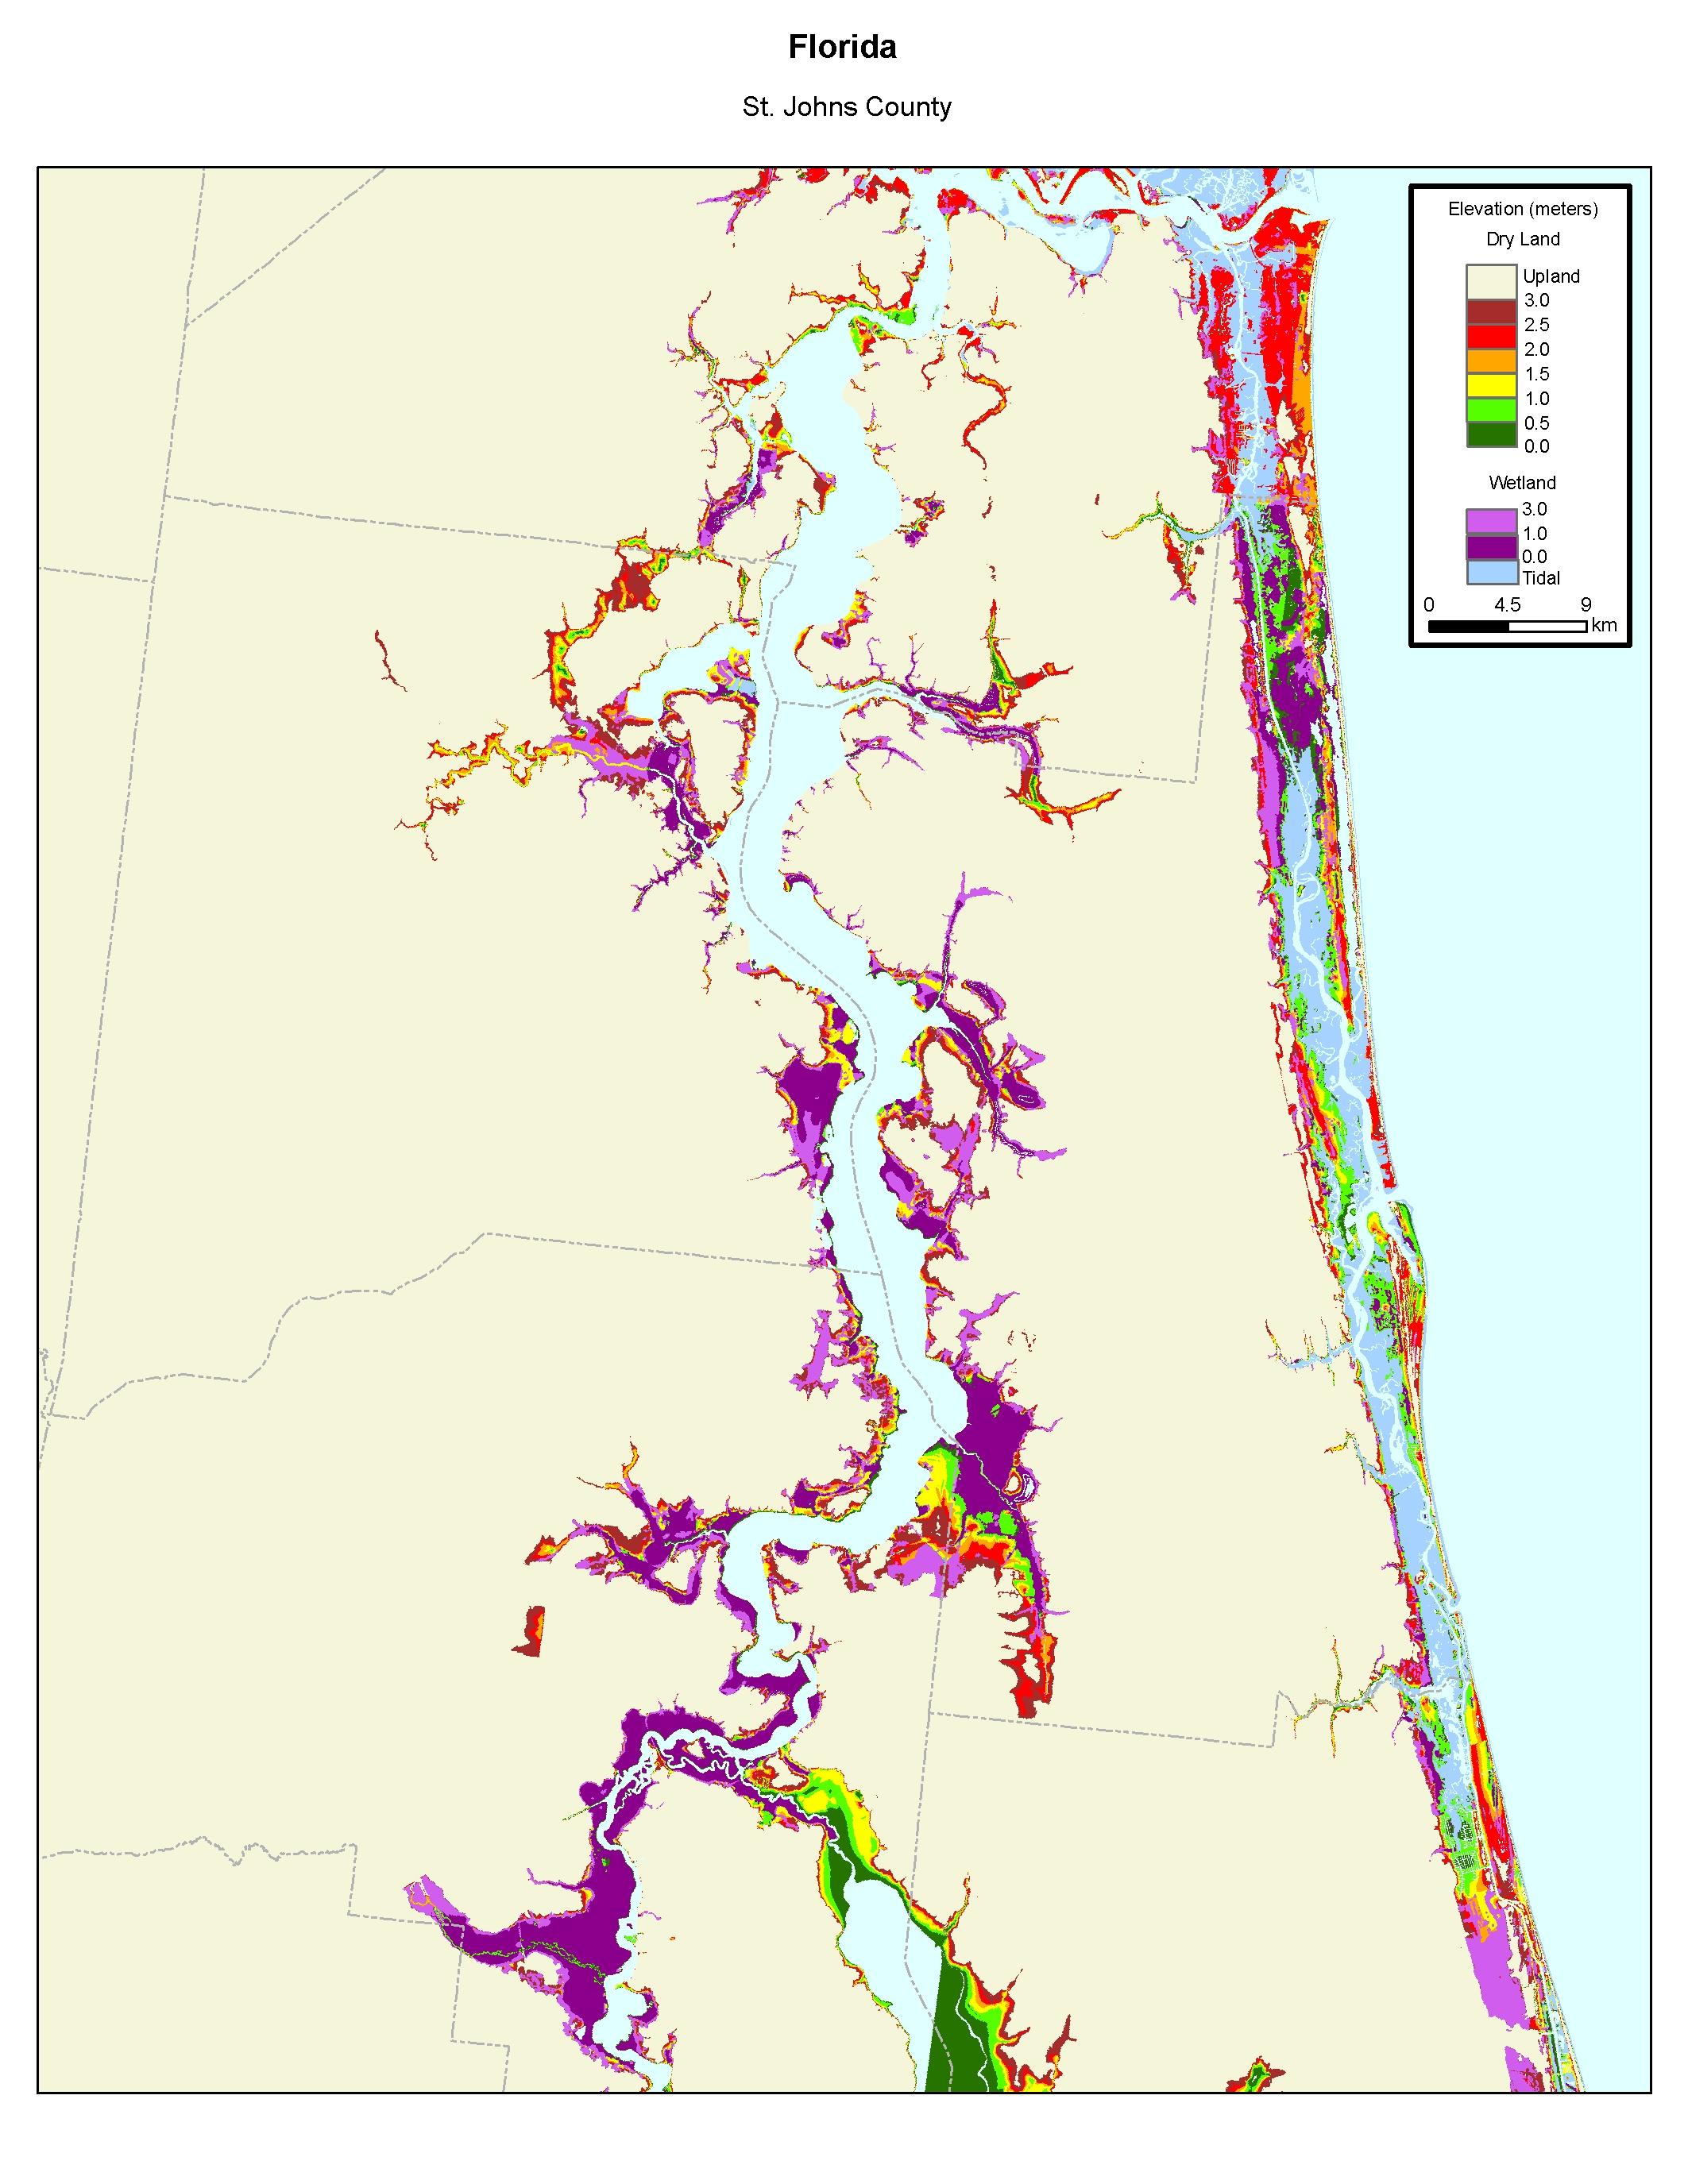 More Sea Level Rise Maps Of Floridas Atlantic Coast - Florida map rising sea levels